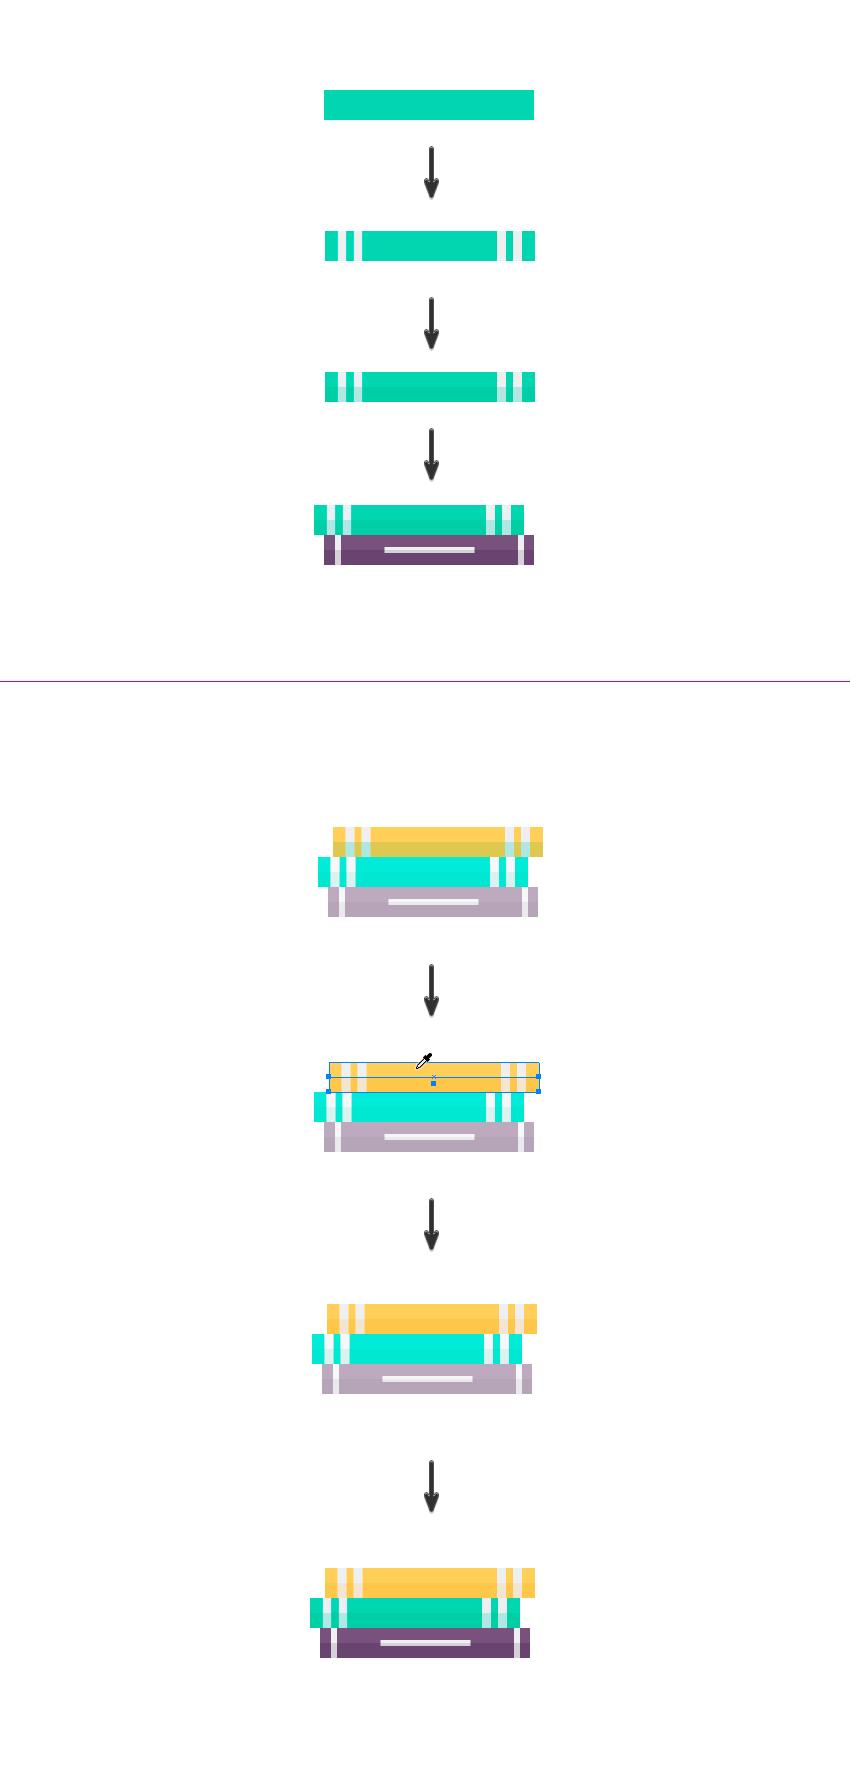 如何在Adobe Illustrator中创造扁平化置物架插图 教程-第14张